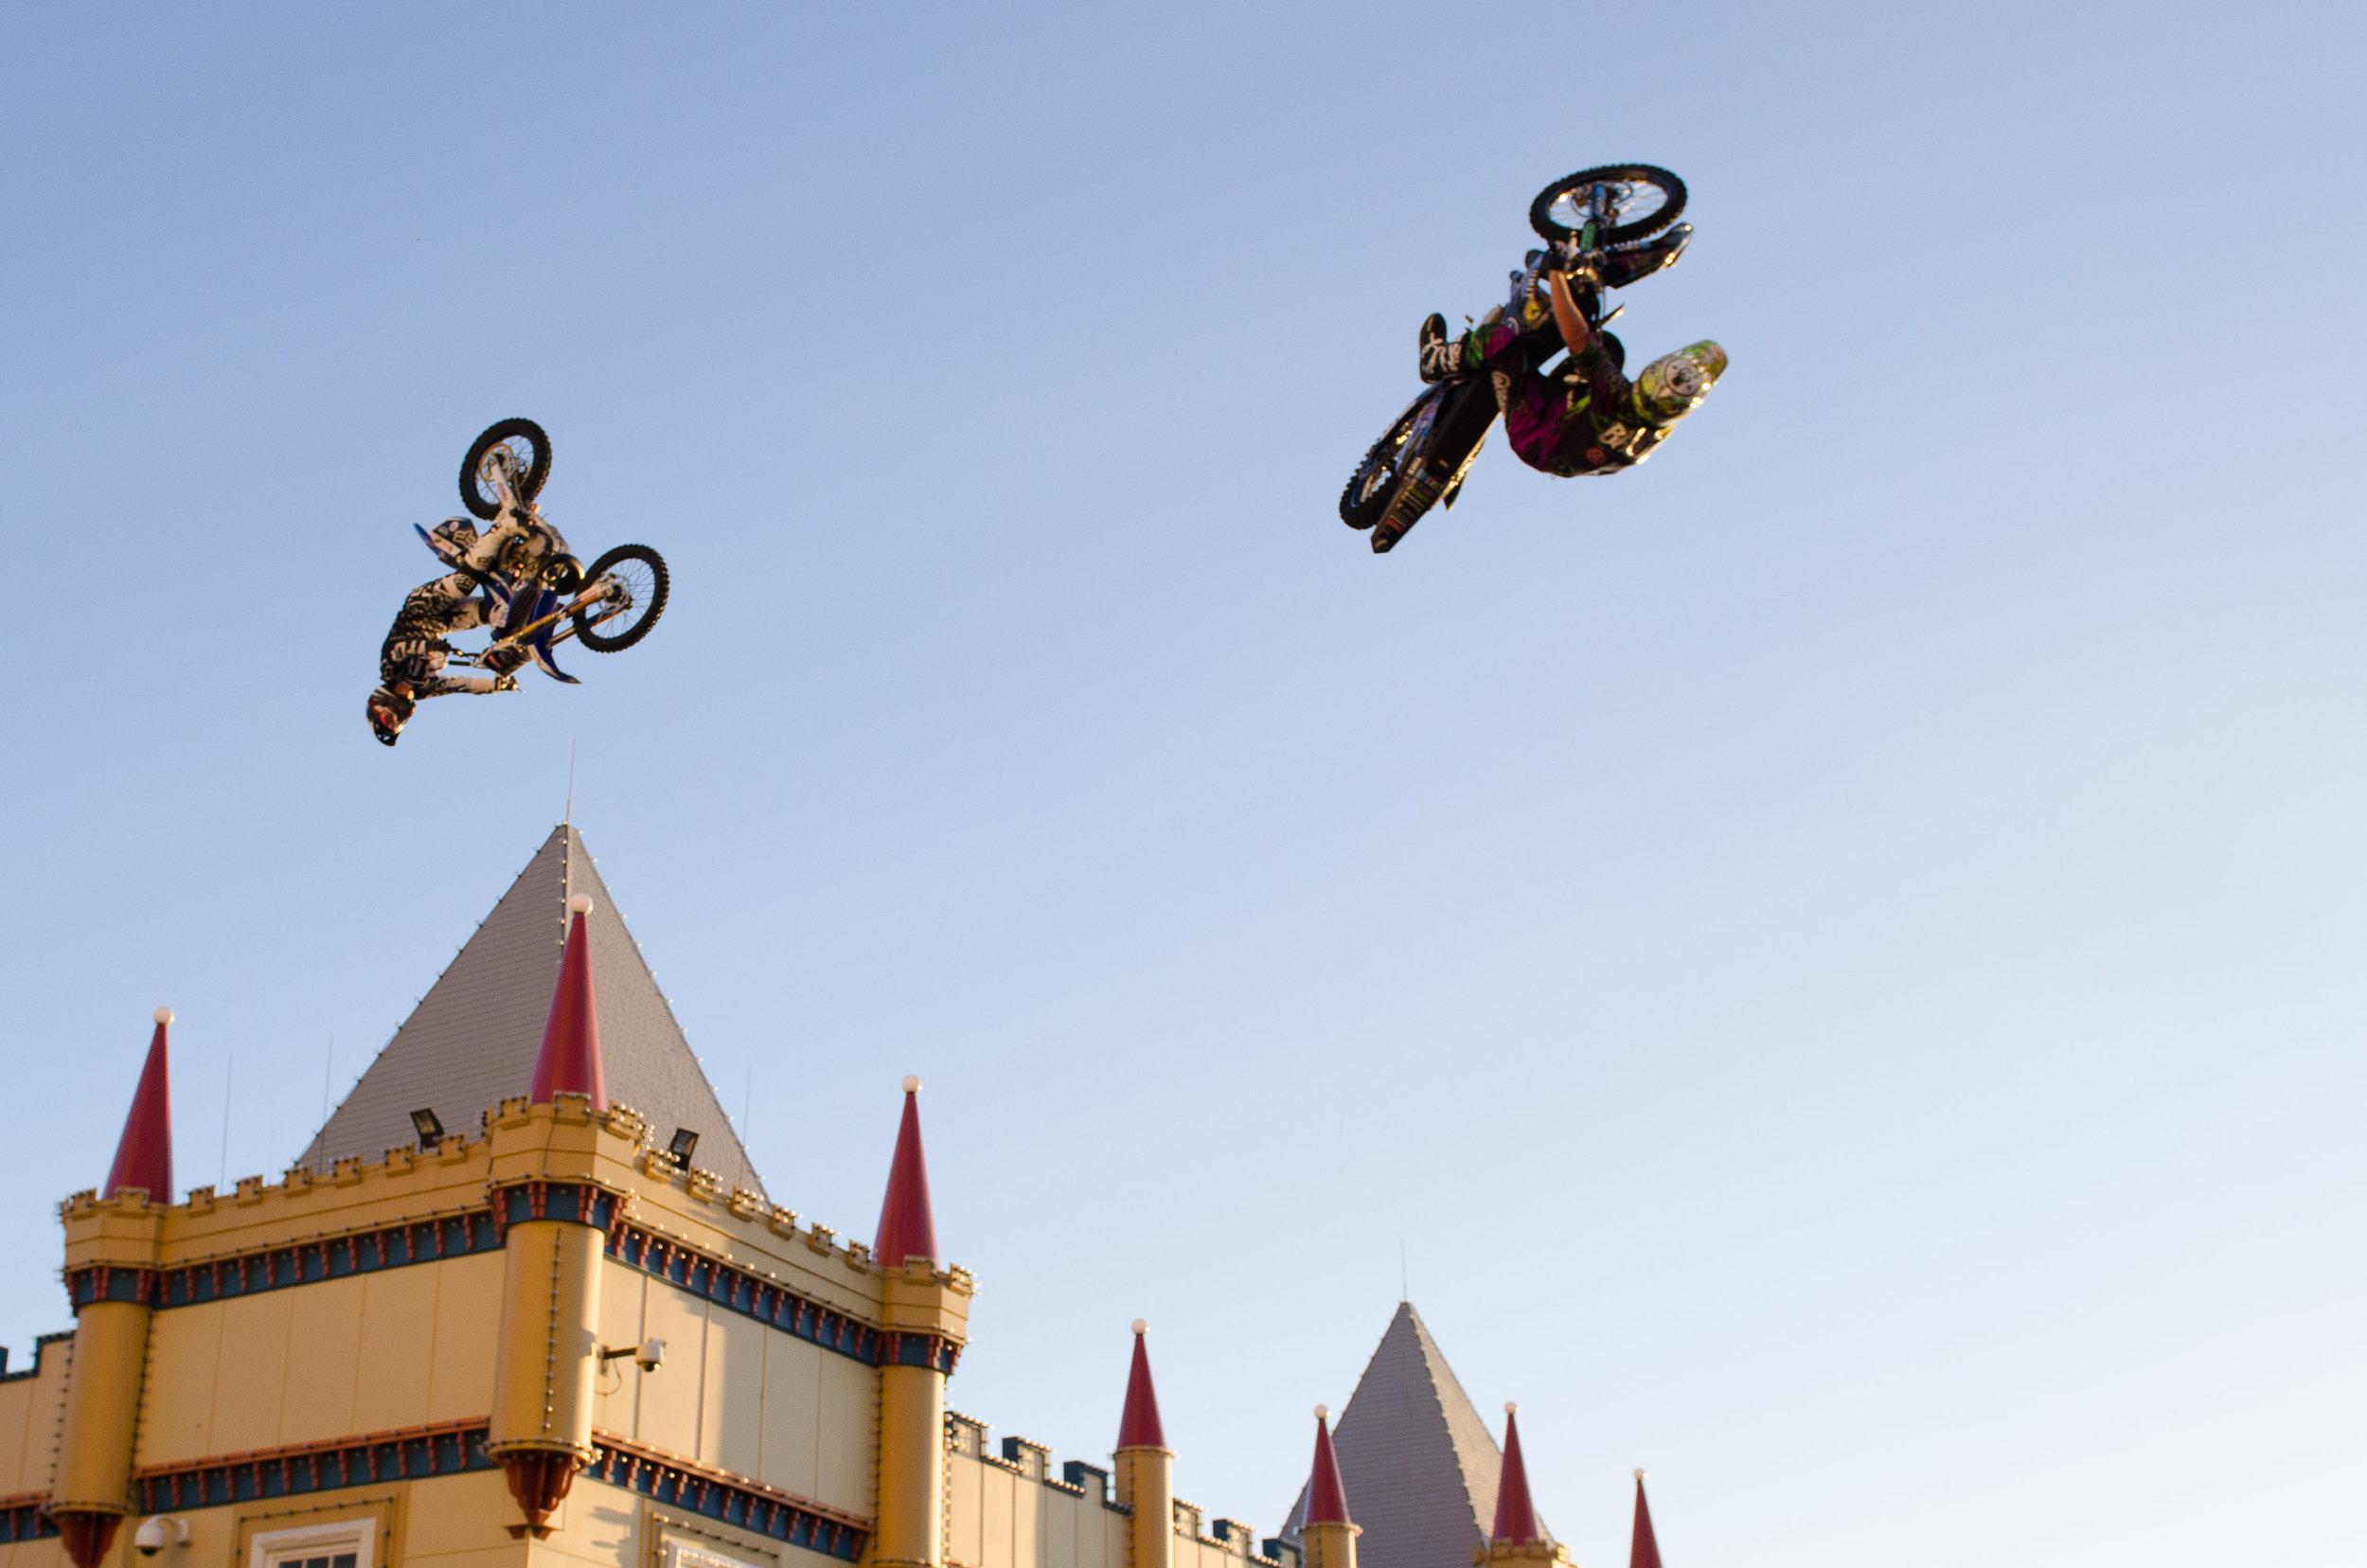 Motorcycles-42.jpg